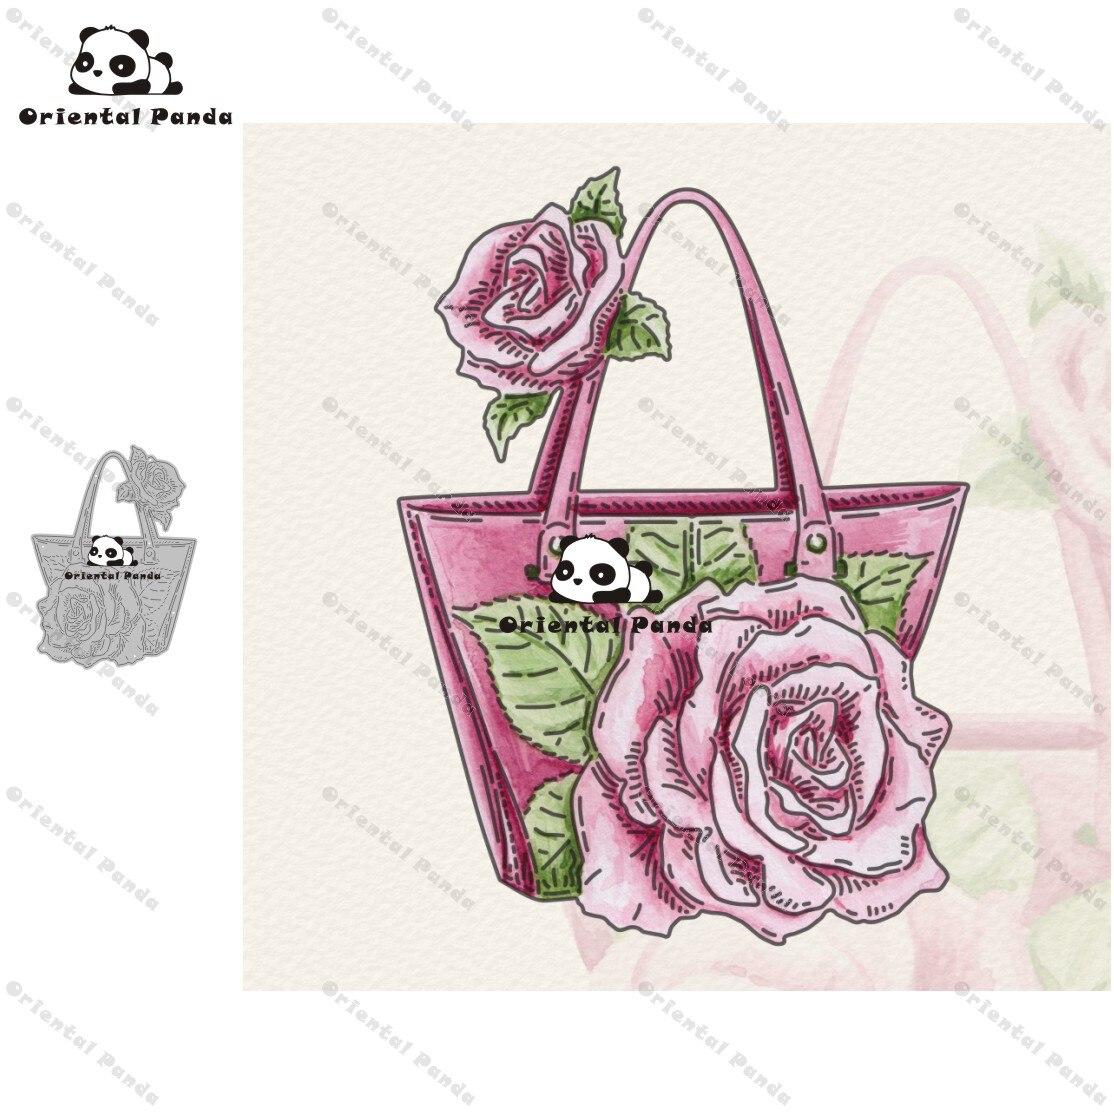 New Dies 2020 Rose Handbag Metal Cutting Dies Diy Dies Photo Album  Cutting Dies Scrapbooking Stencil Die Cuts Card Making